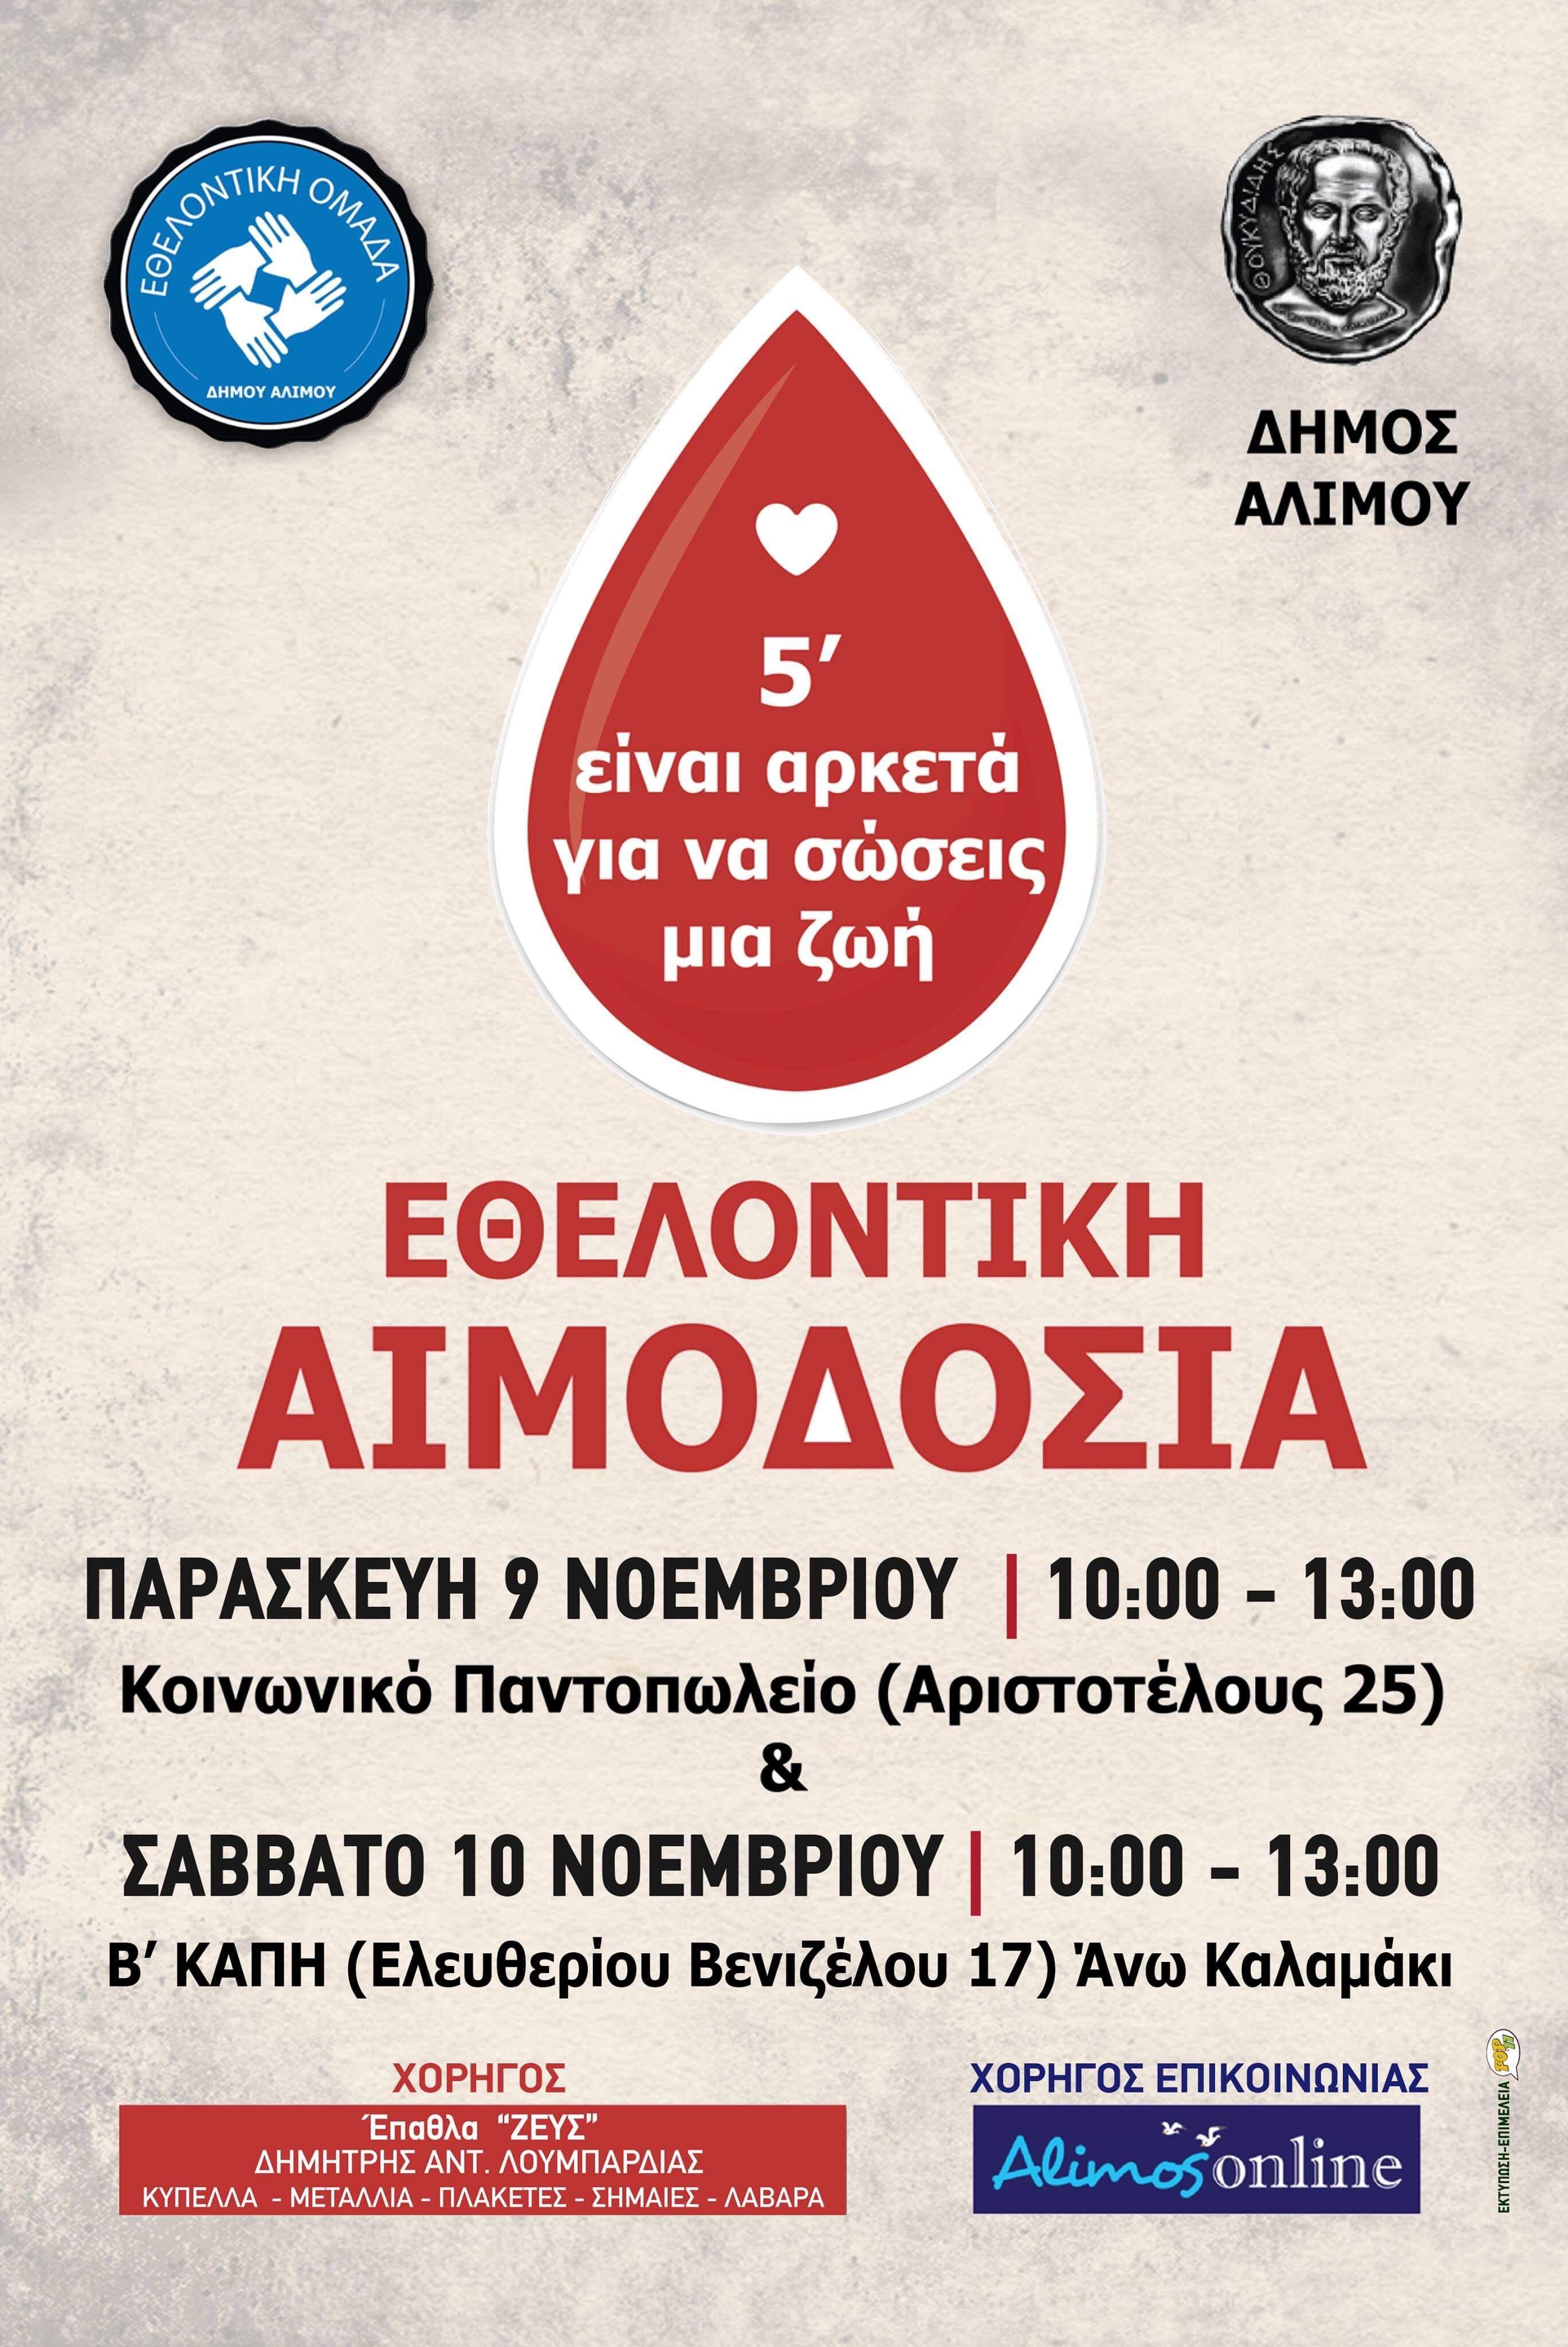 Την επόμενη εβδομάδα η εθελοντική αιμοδοσία του Δήμου Αλίμου